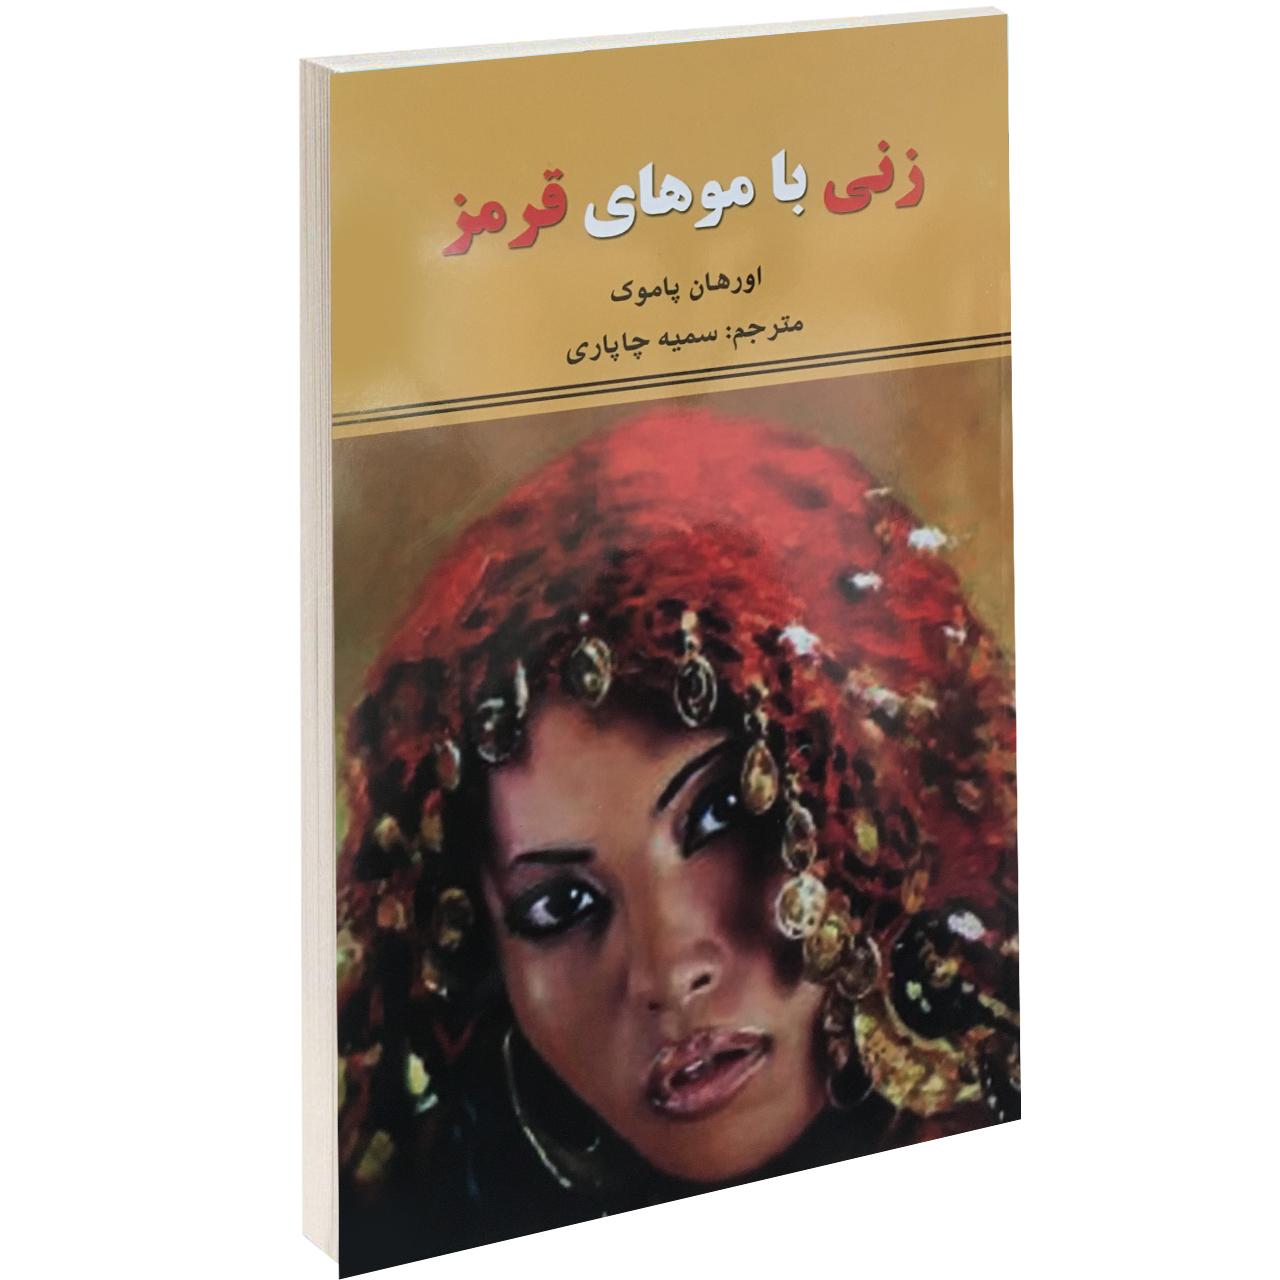 خرید                      کتاب زنی با موهای قرمز اثر اورهان پاموک نشر نیک فرجام